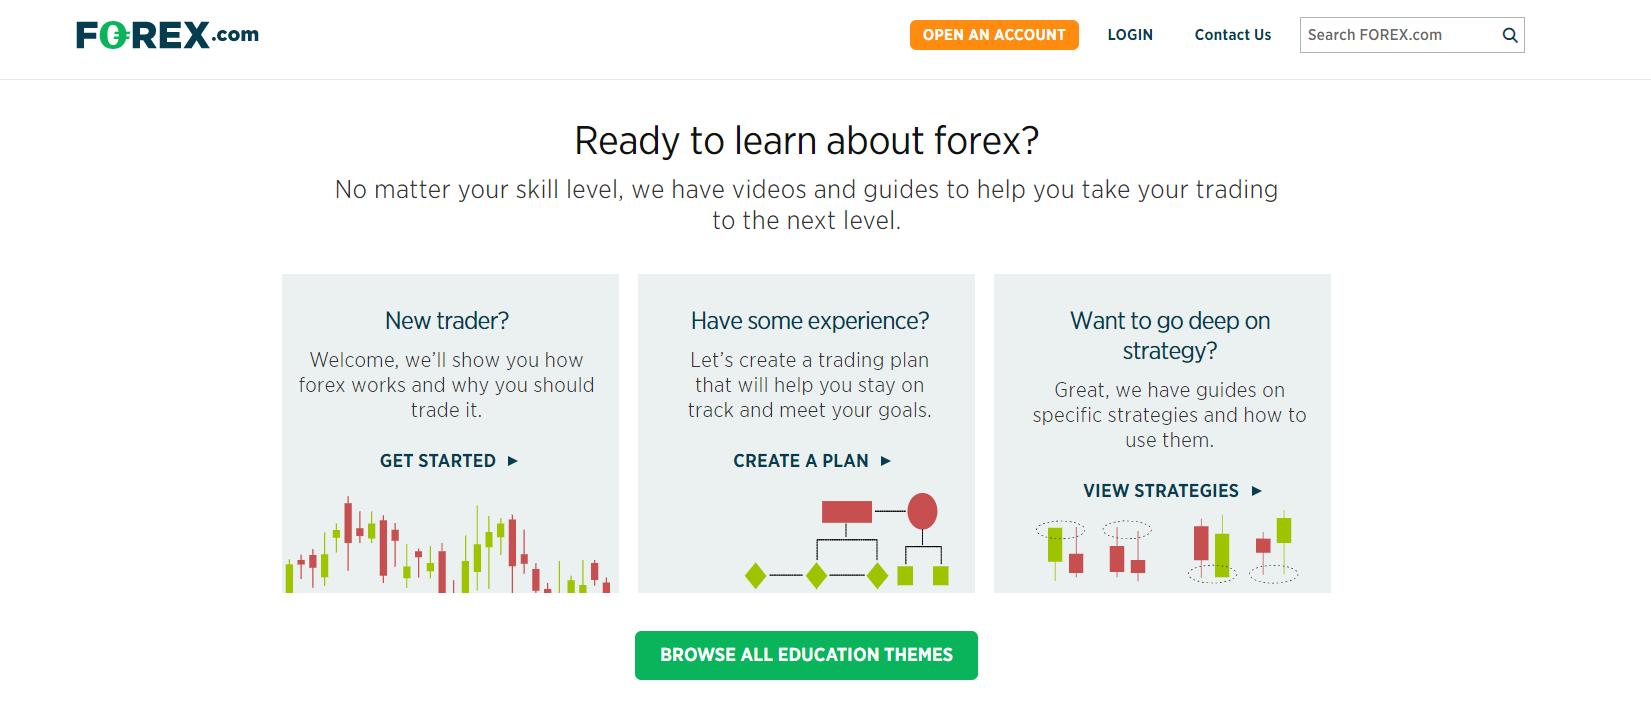 торговые условия forex.com